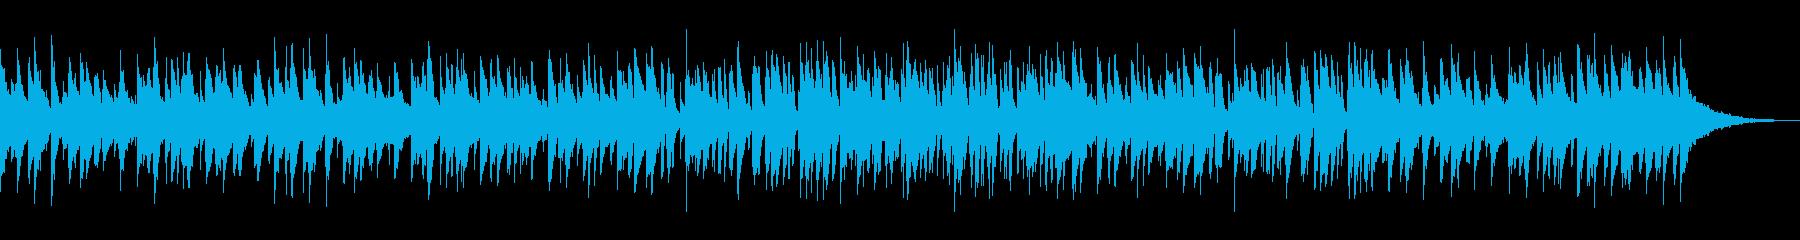 可愛らしいピアノトリオのジャズワルツですの再生済みの波形